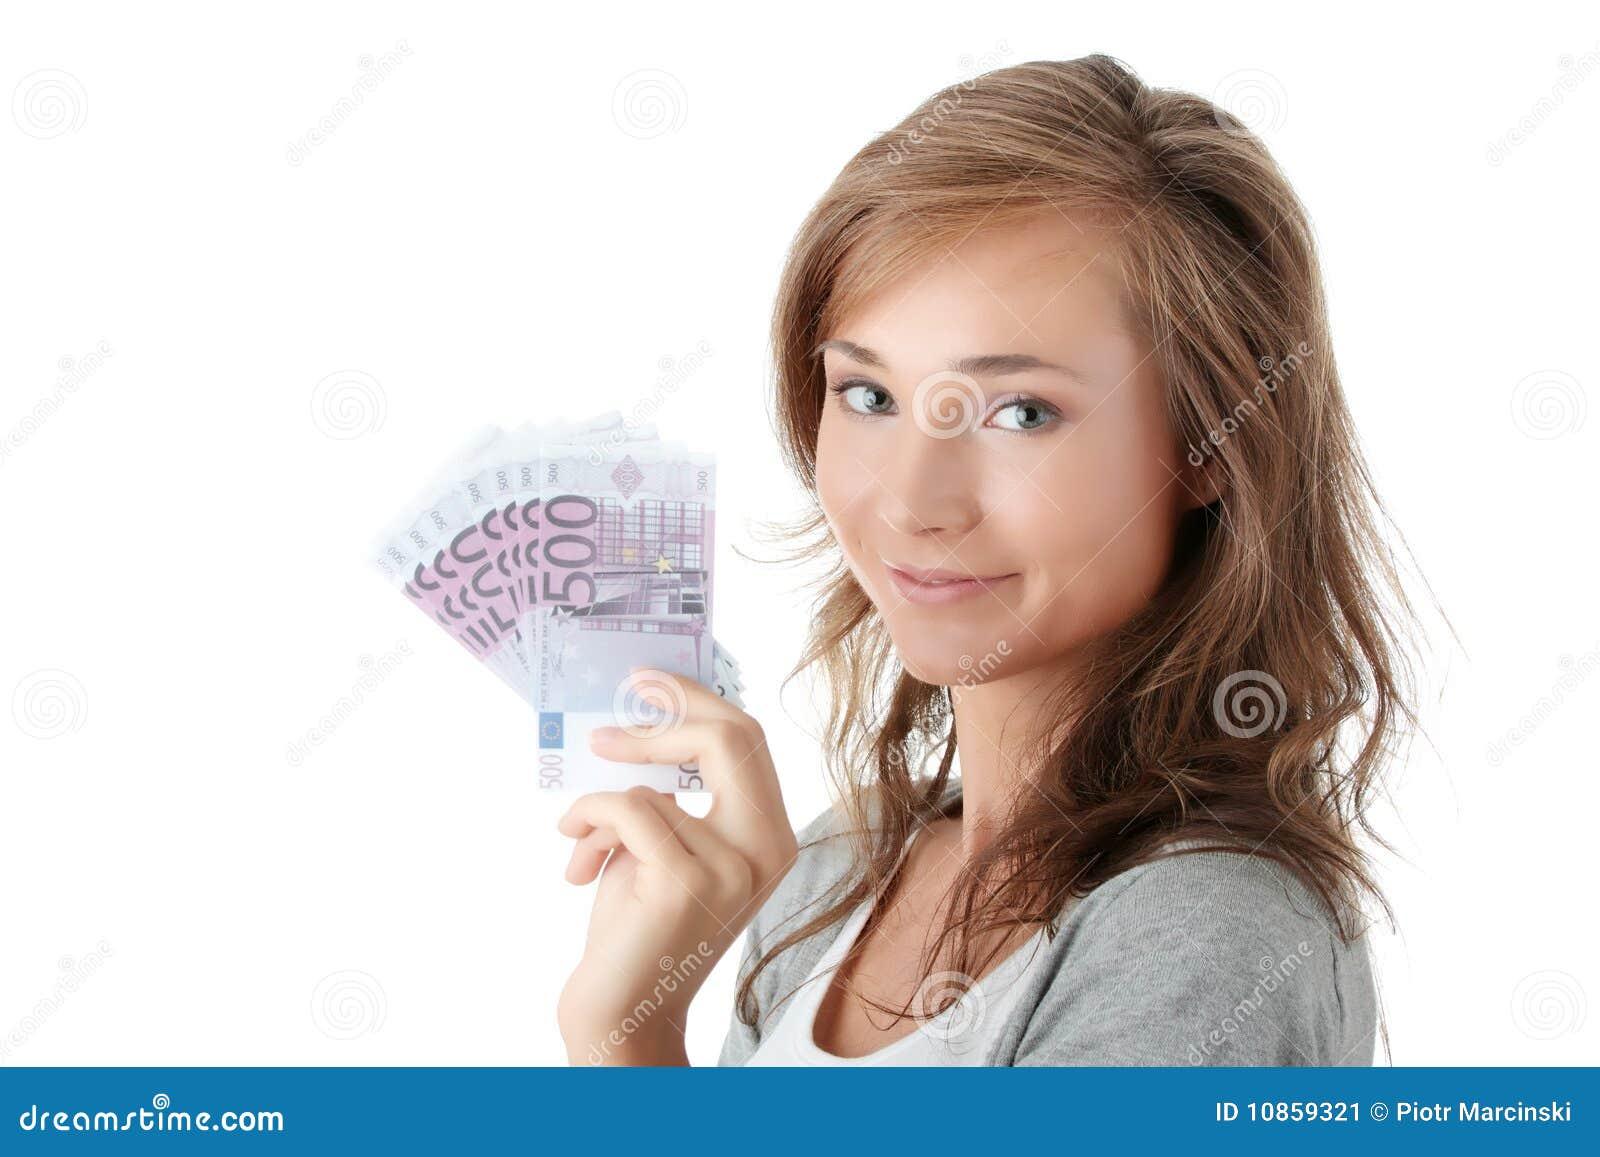 Woman Holding Euro Money Stock Image - Image: 10859321